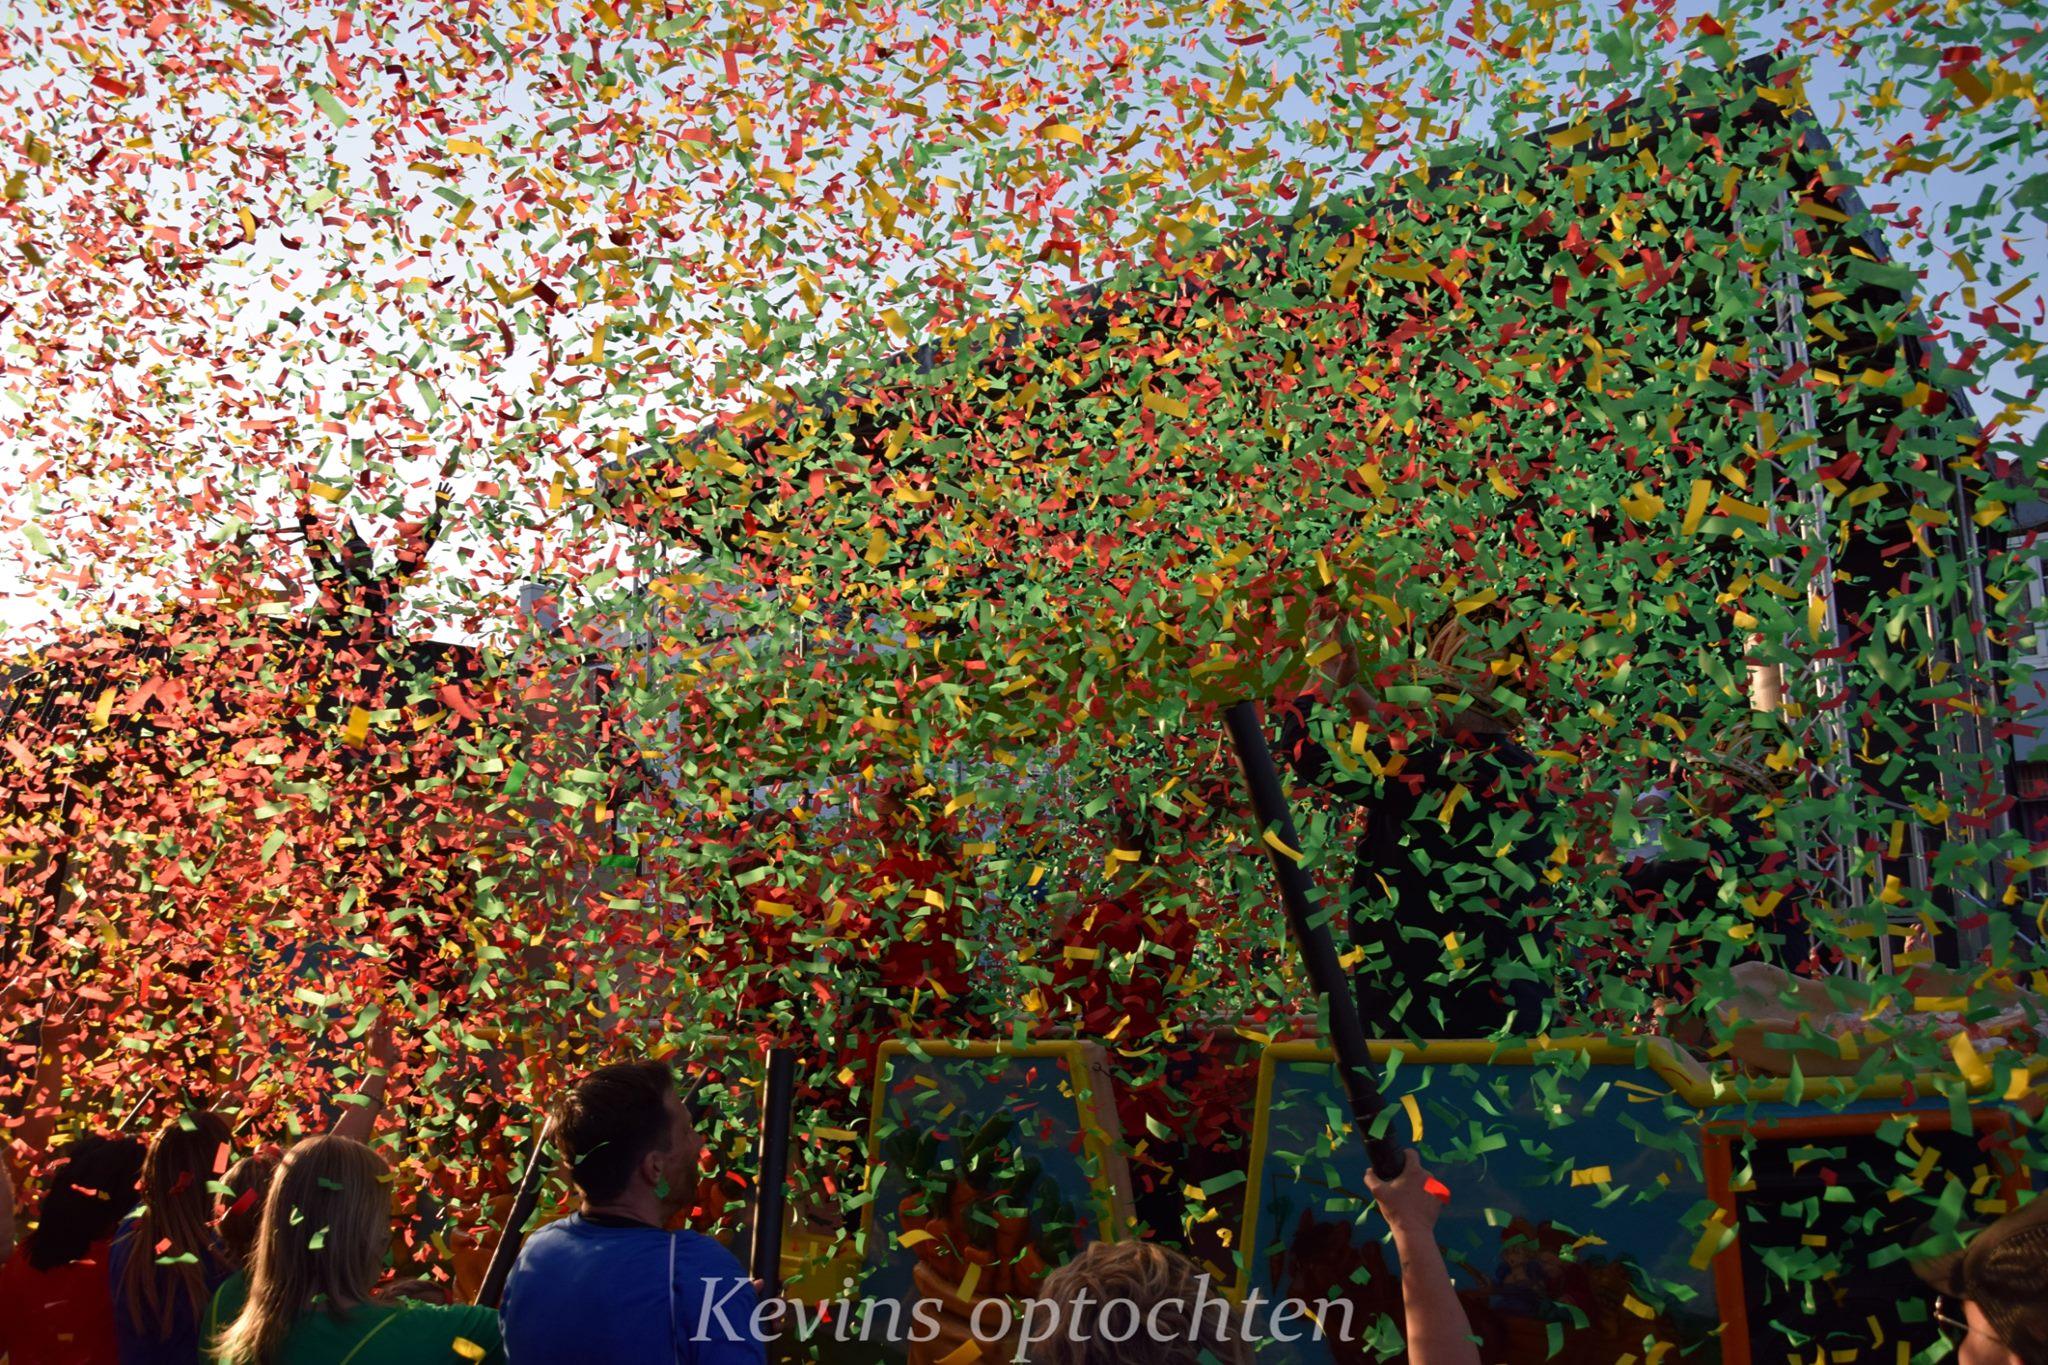 Carnaval in Limburg Stoet Veldwezelt